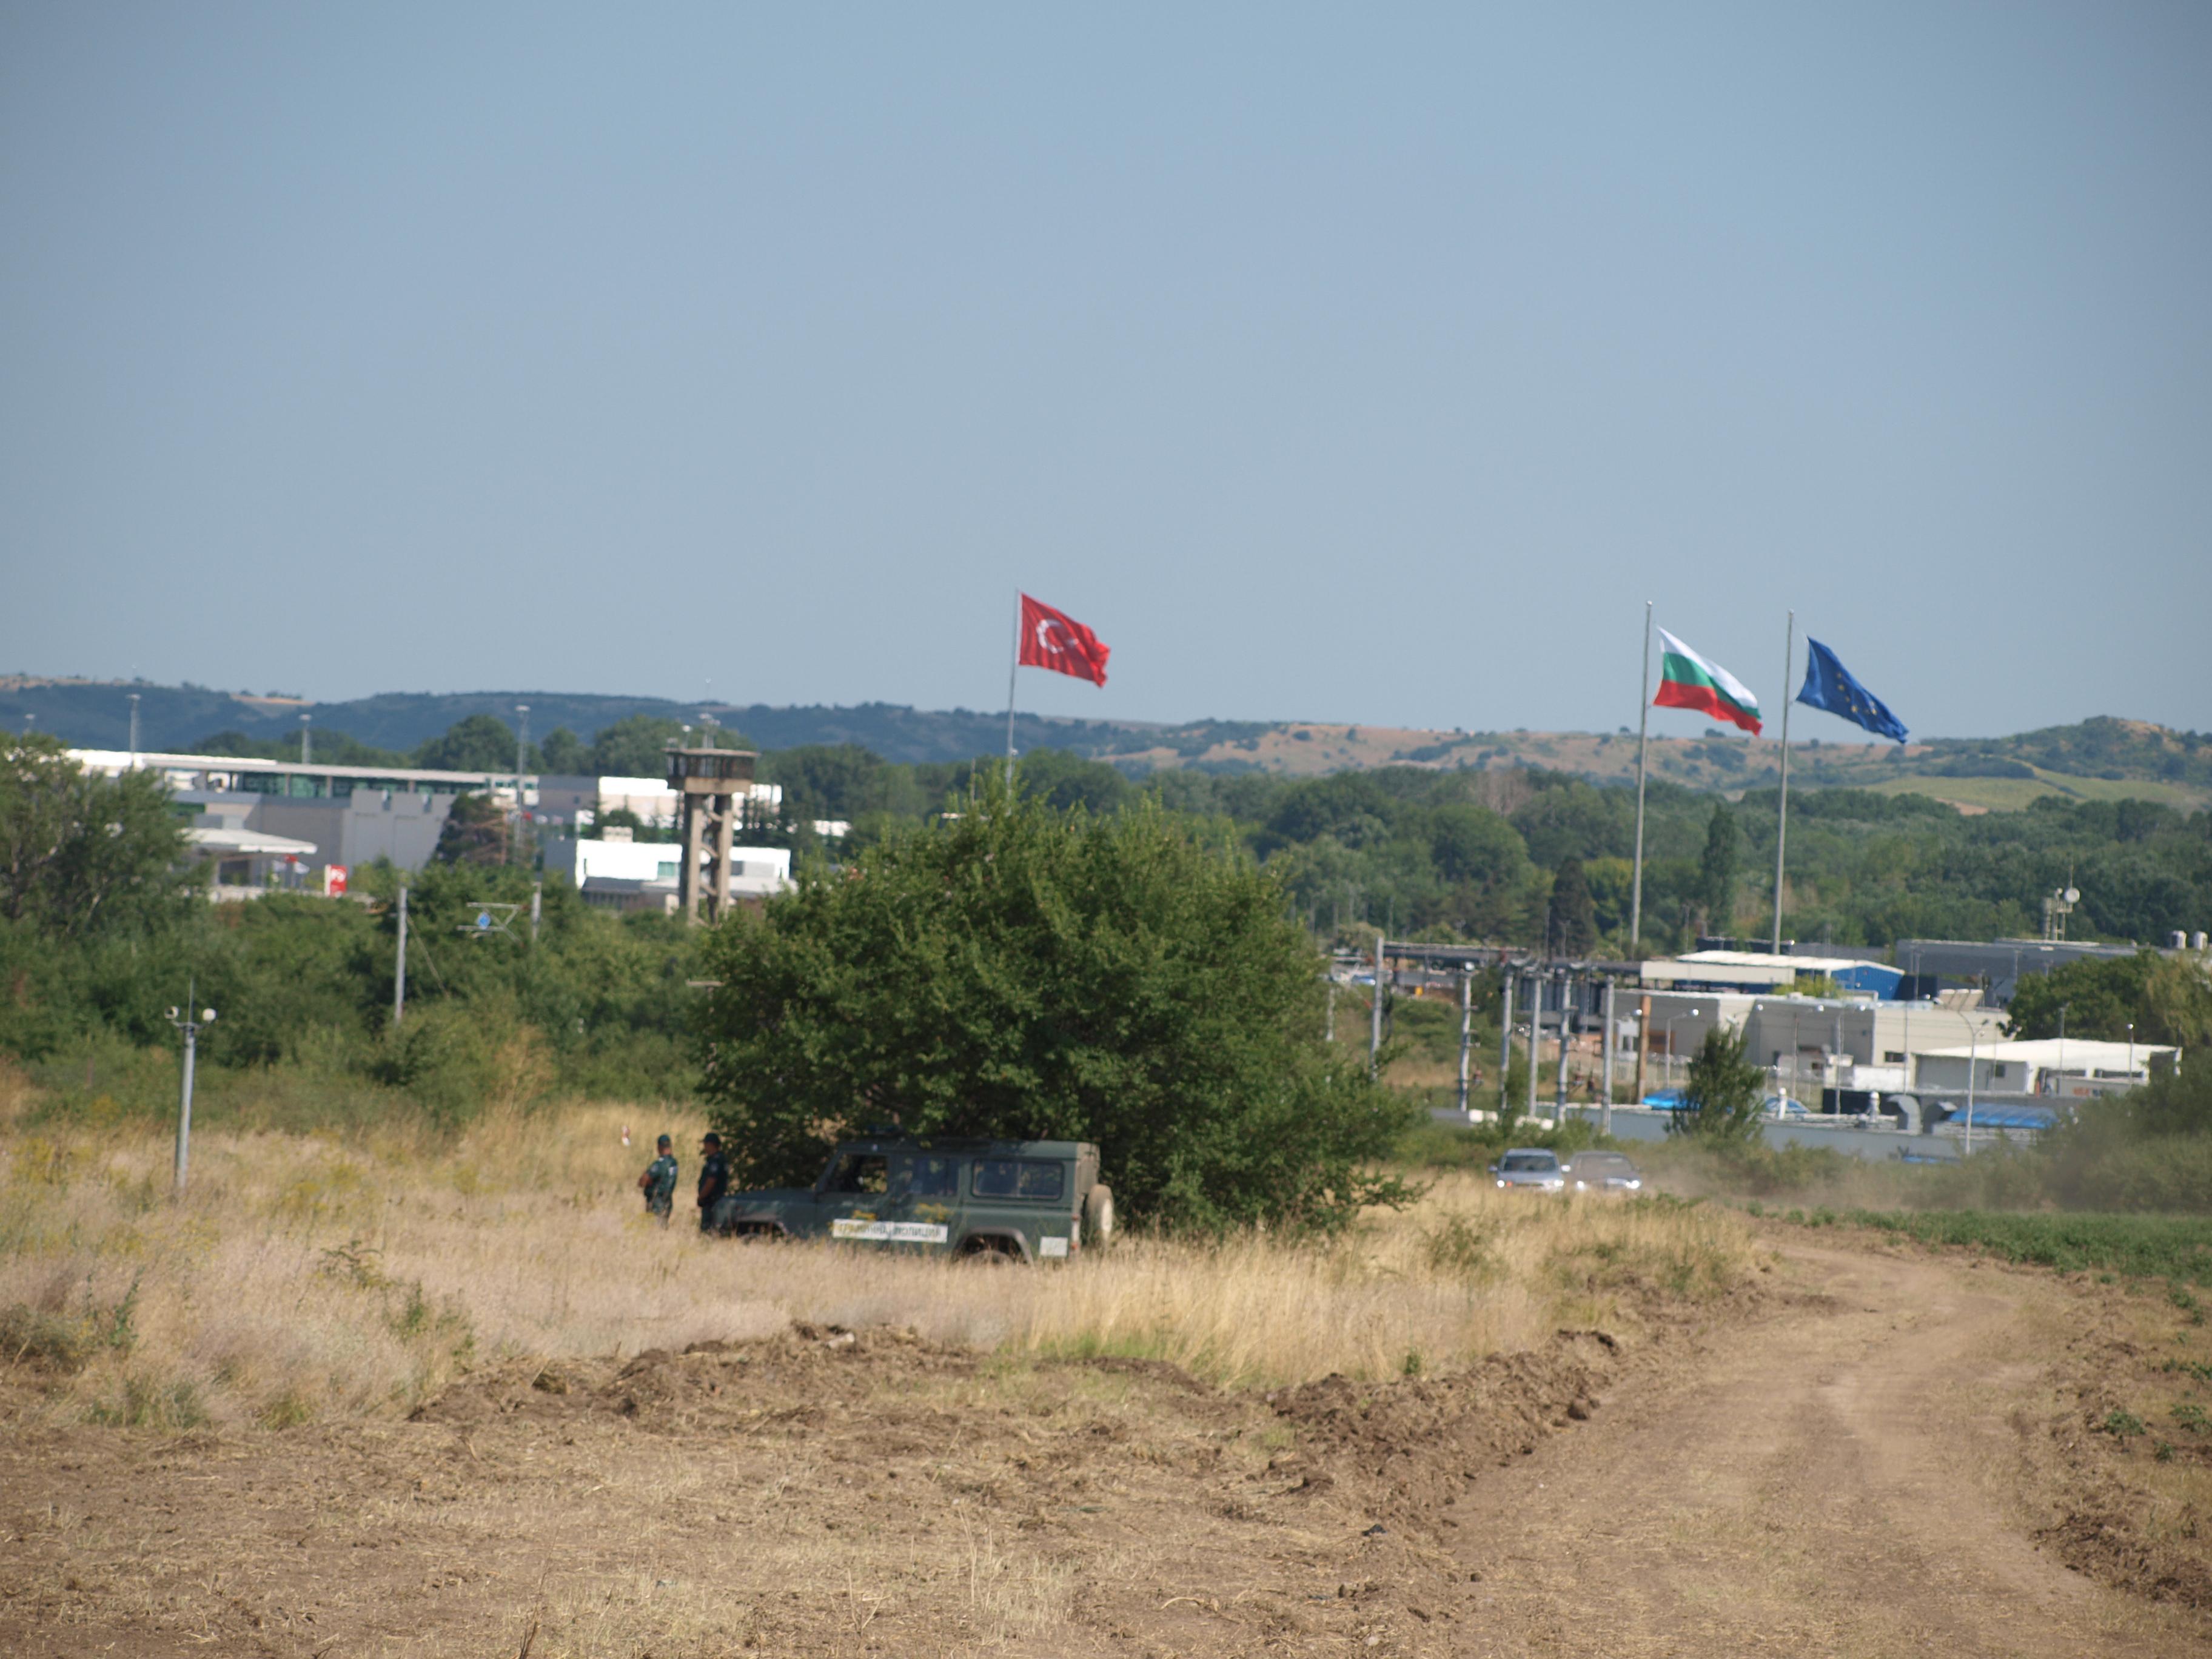 Малки групи мигранти забелязани край границата ни